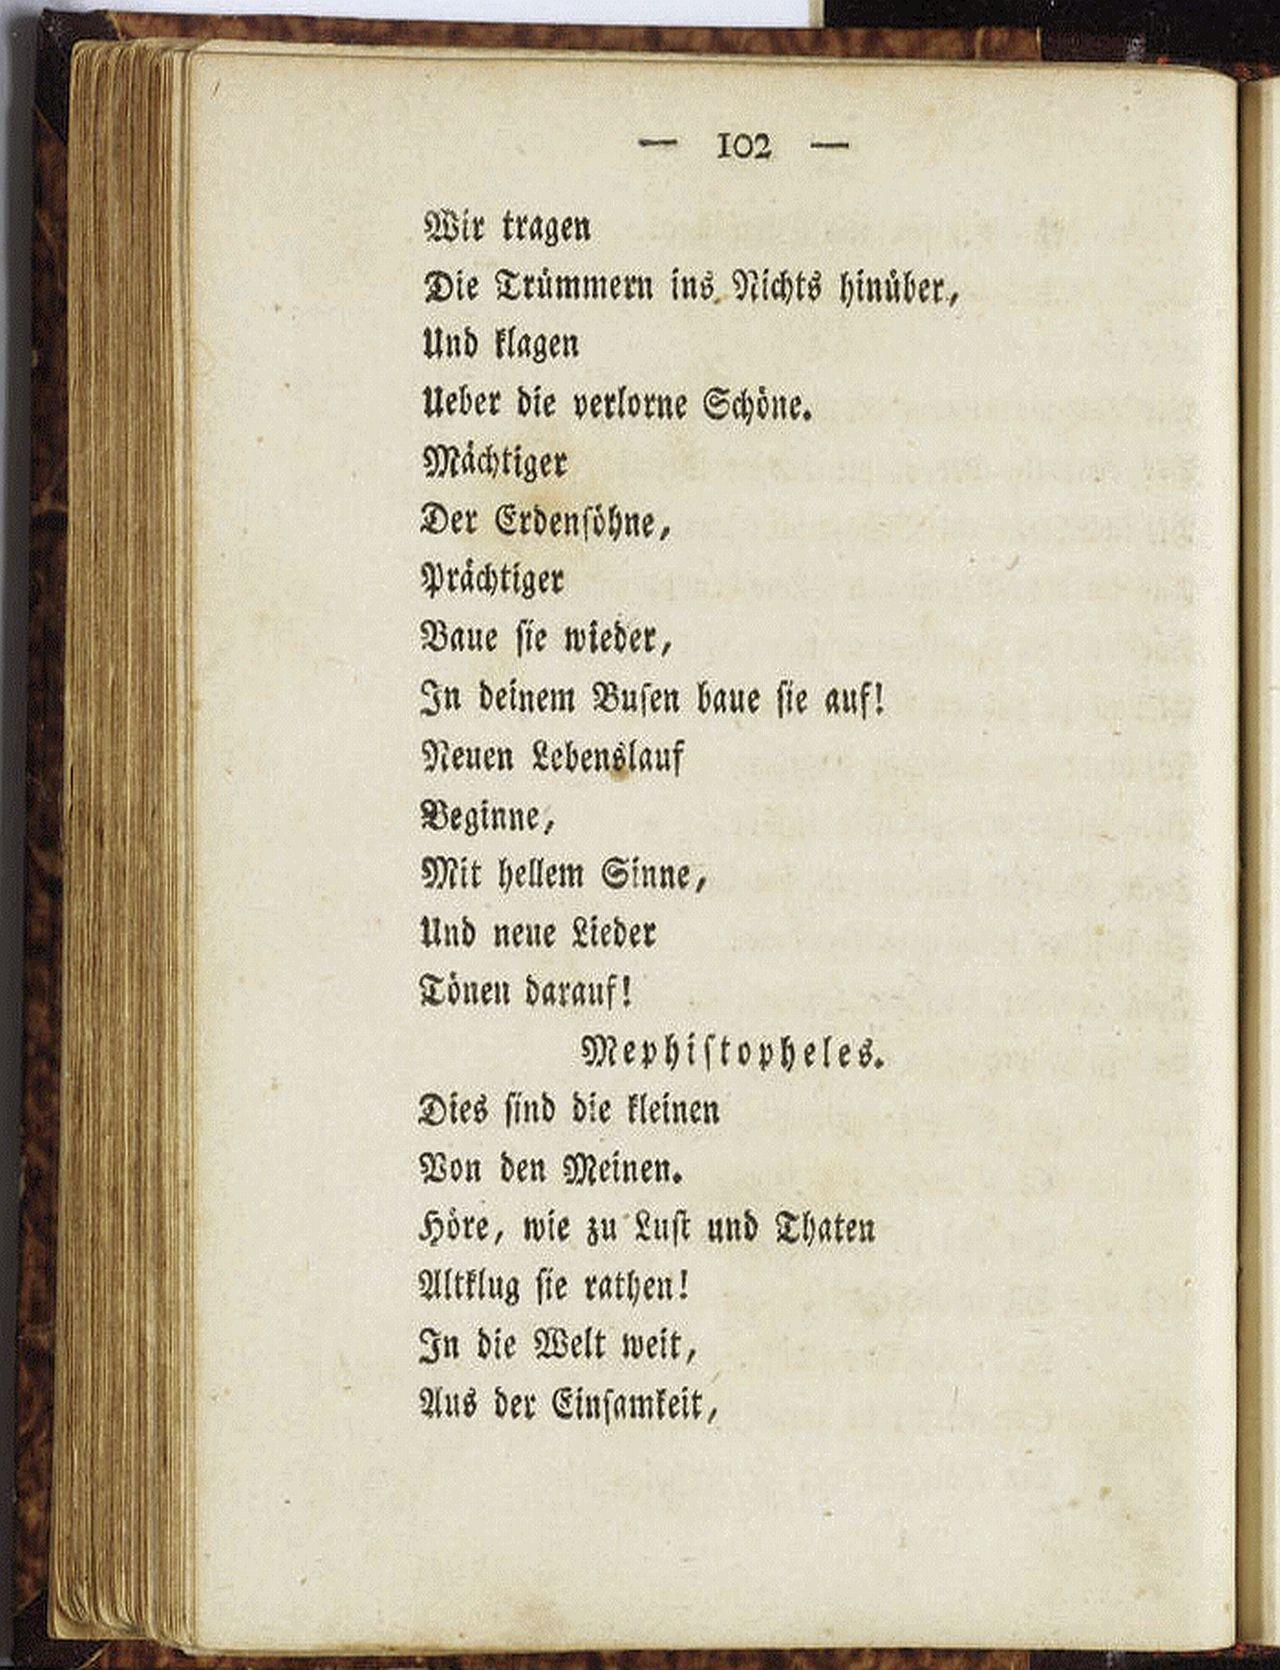 File:Faust I (Goethe) 102.jpg